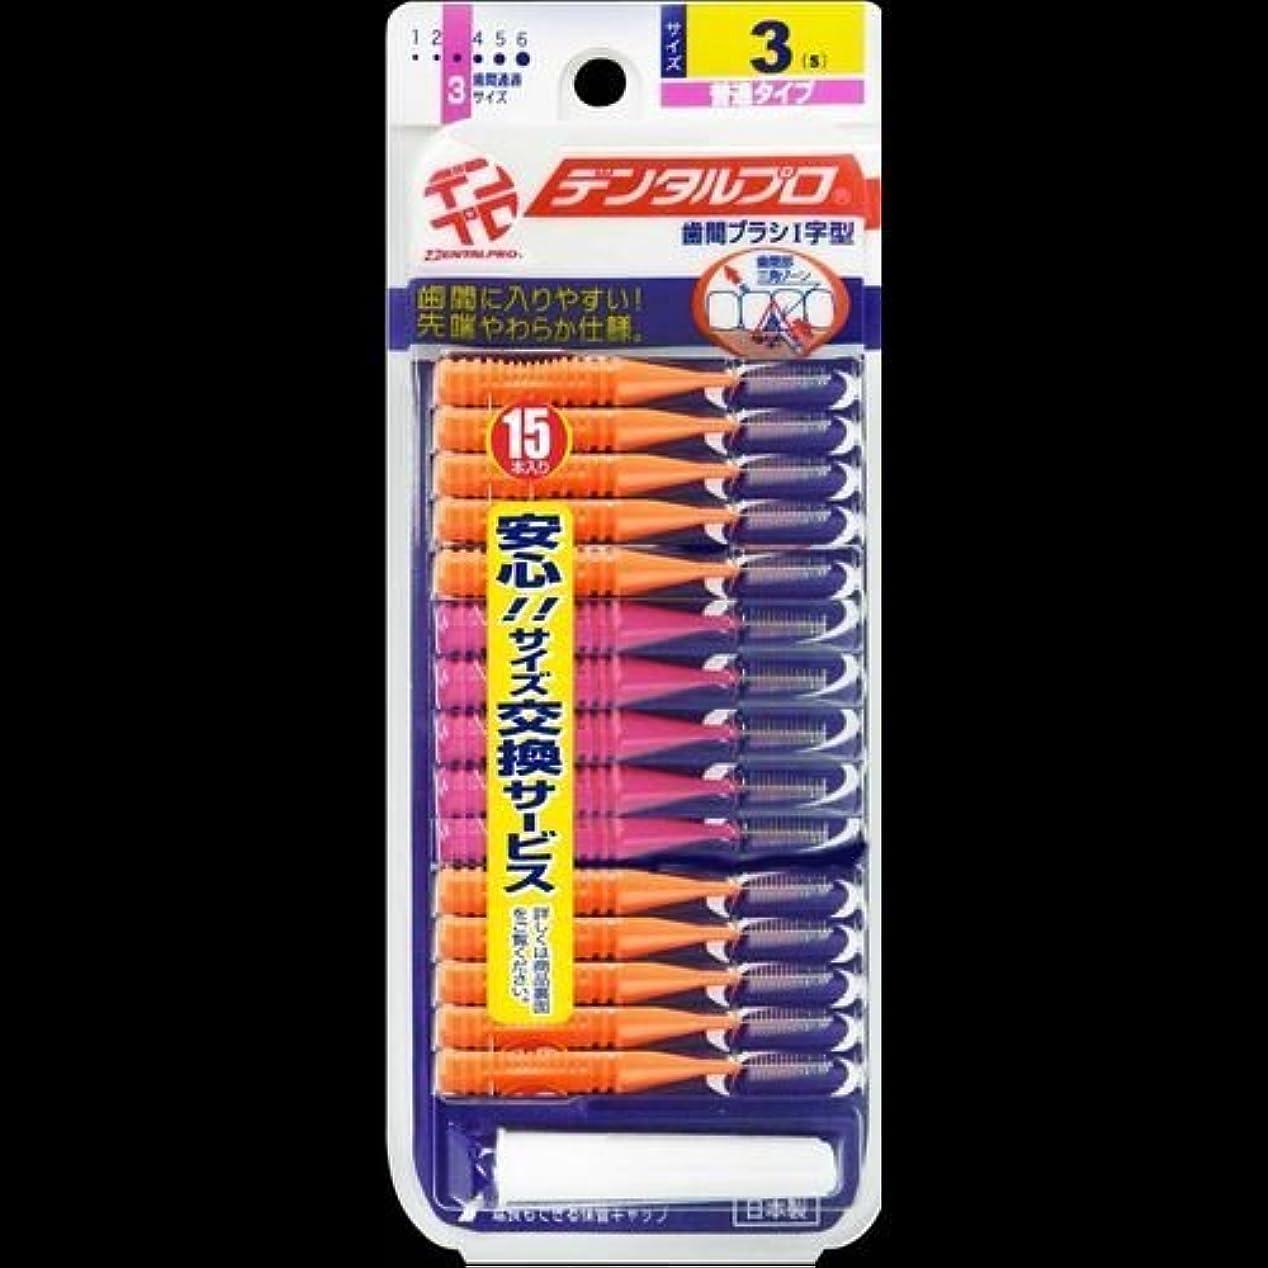 不良品塗抹模索デンタルプロ 歯間ブラシ サイズ3S 15本入り ×2セット